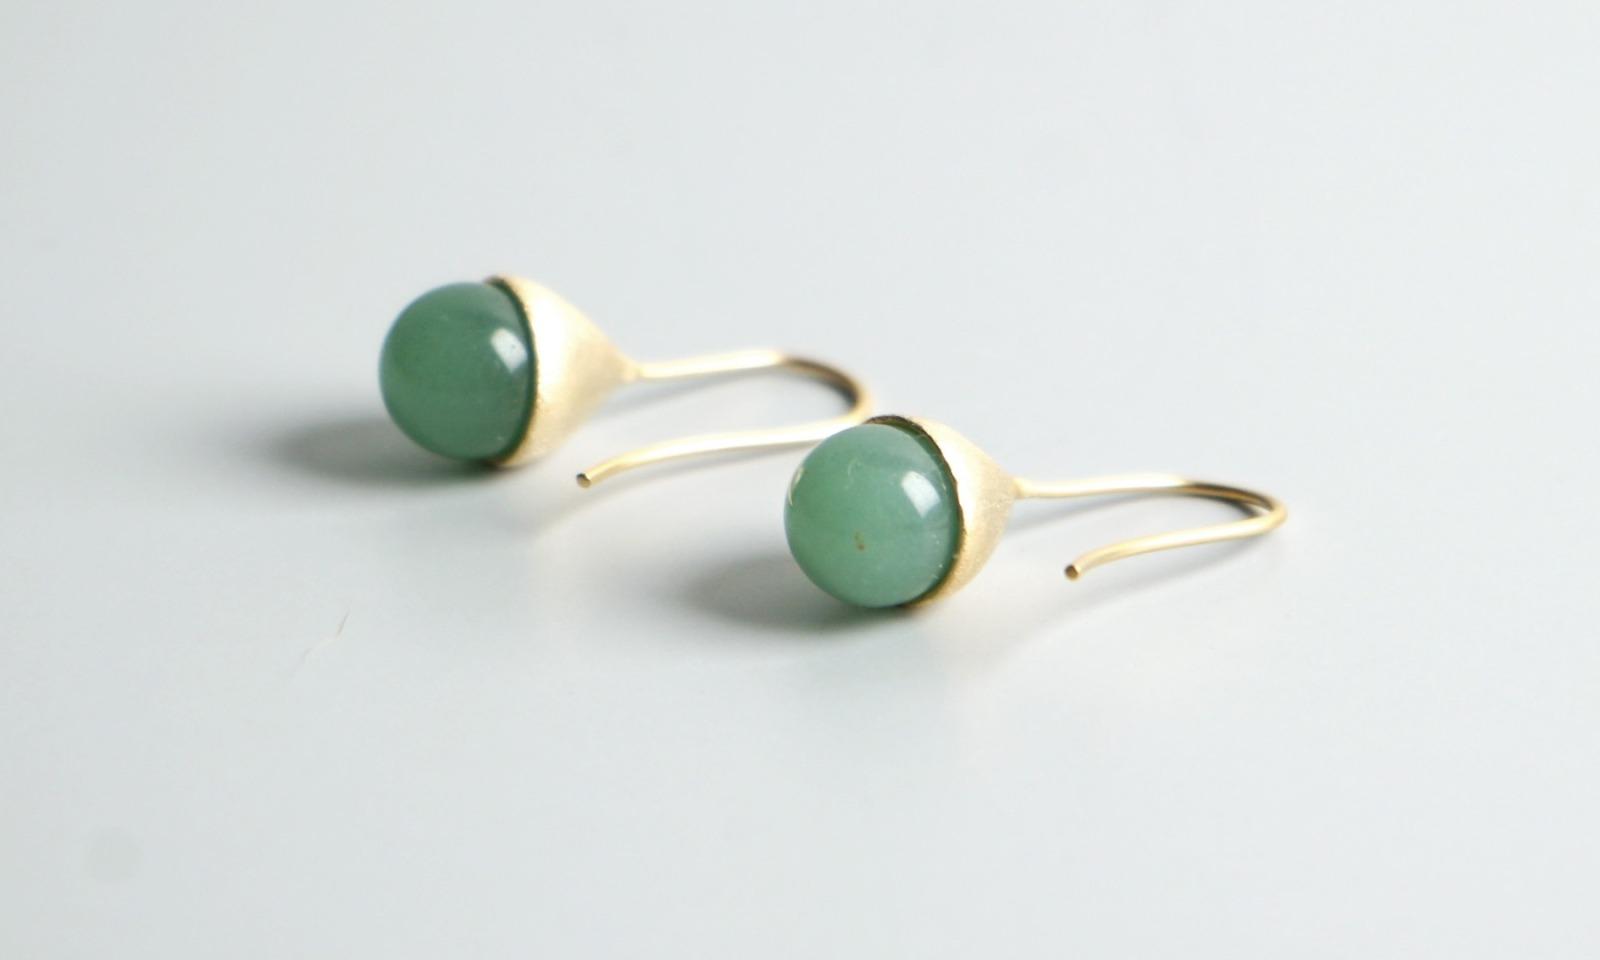 Ohrhänger Hütchen vergoldet mit Perle Aventurin grün - 2